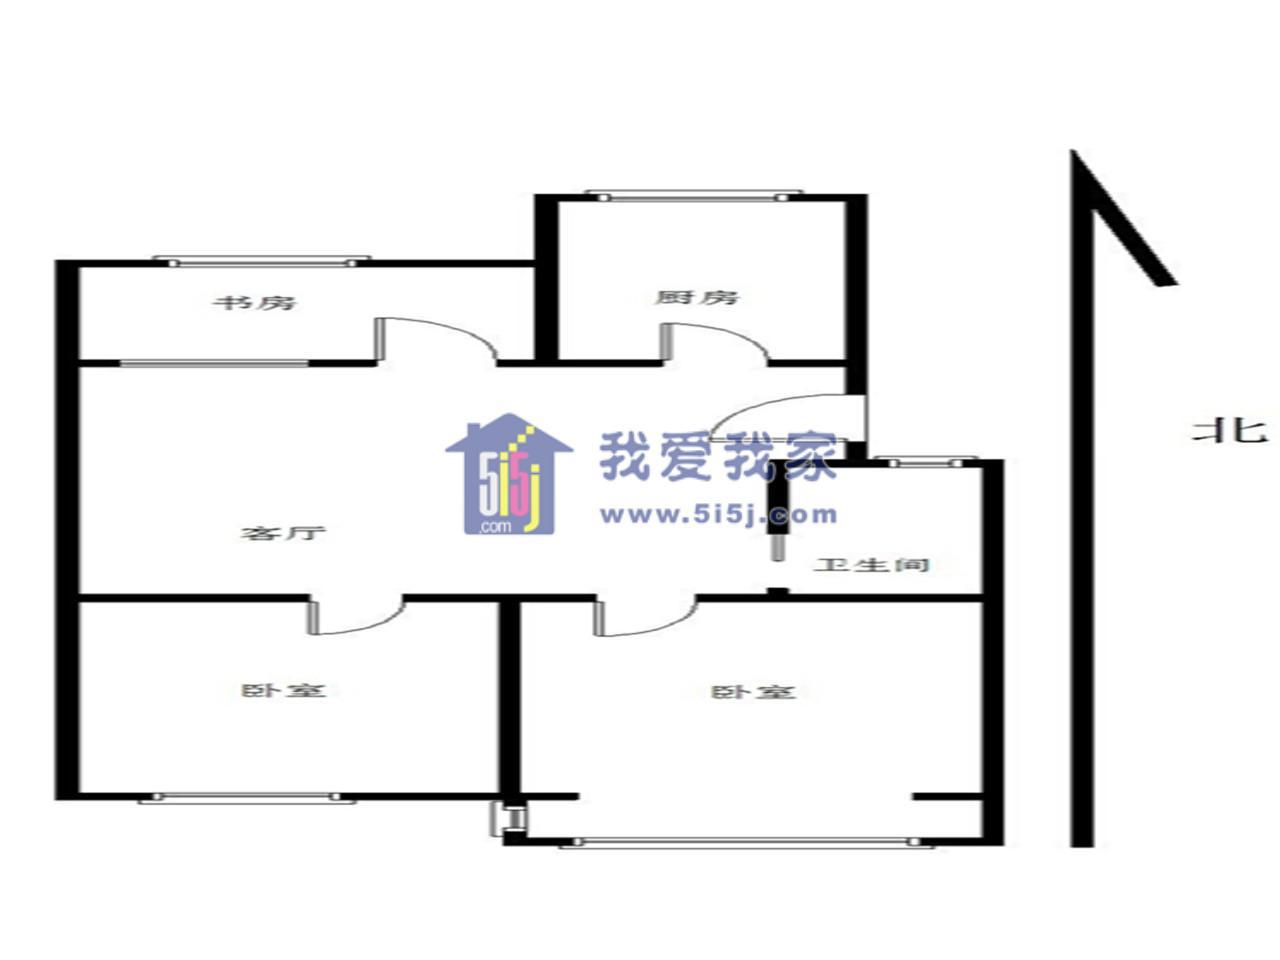 建邺区兴隆鸿达新寓2室2厅户型图